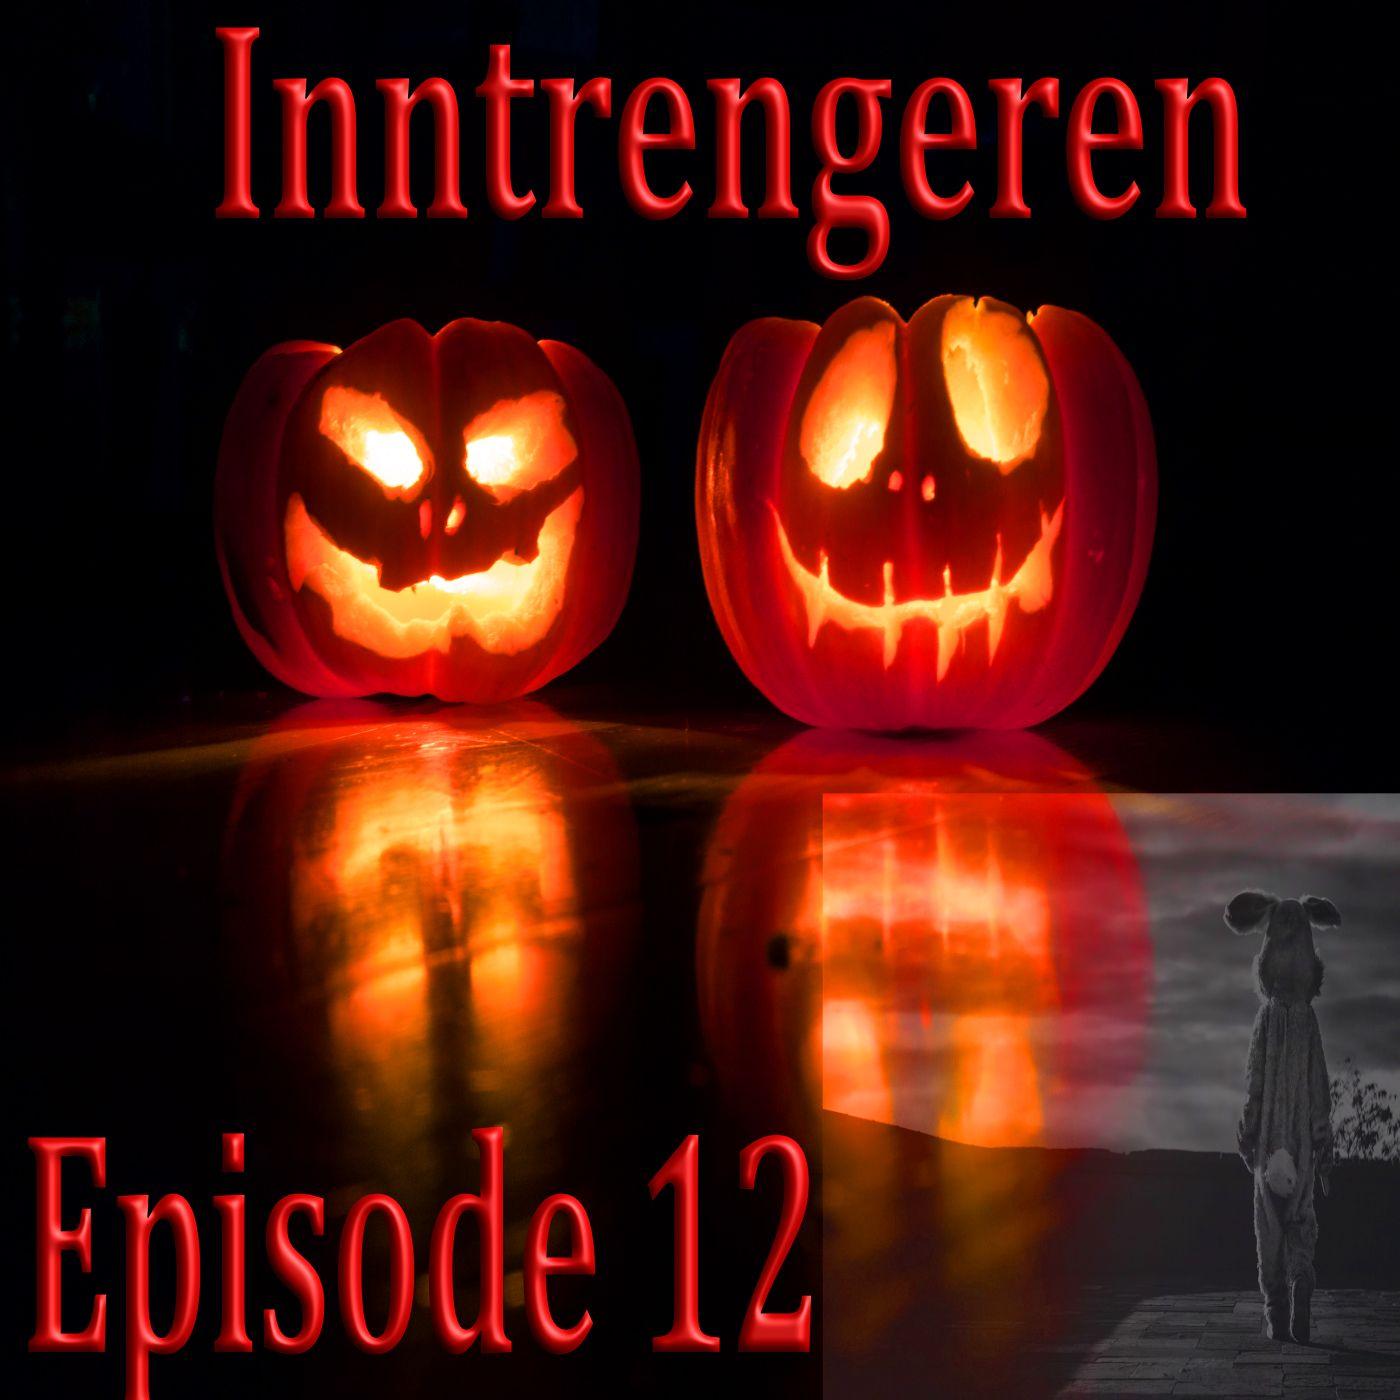 Fra den andre siden episode 12. Halloween spesial. Inntrengeren